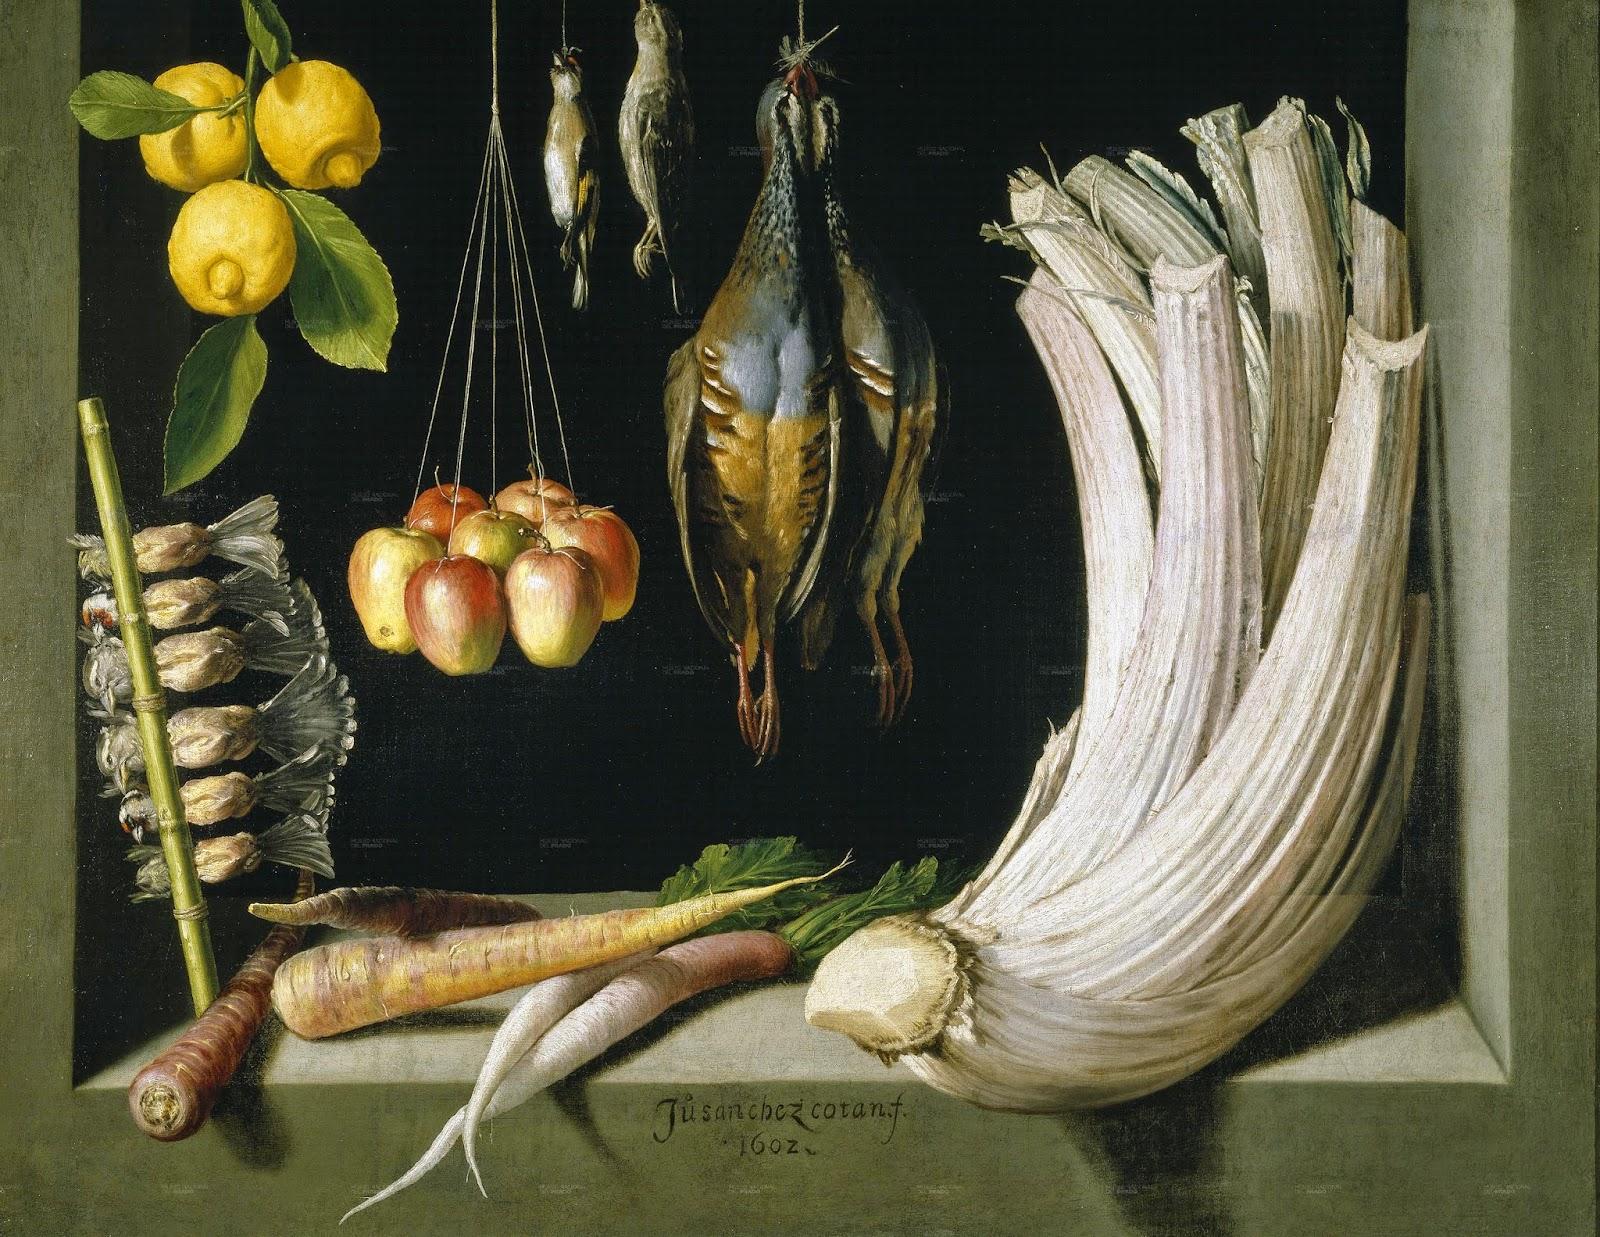 https://www.museodelprado.es/pradomedia/multimedia/bodegon-de-caza-hortalizas-y-frutas/